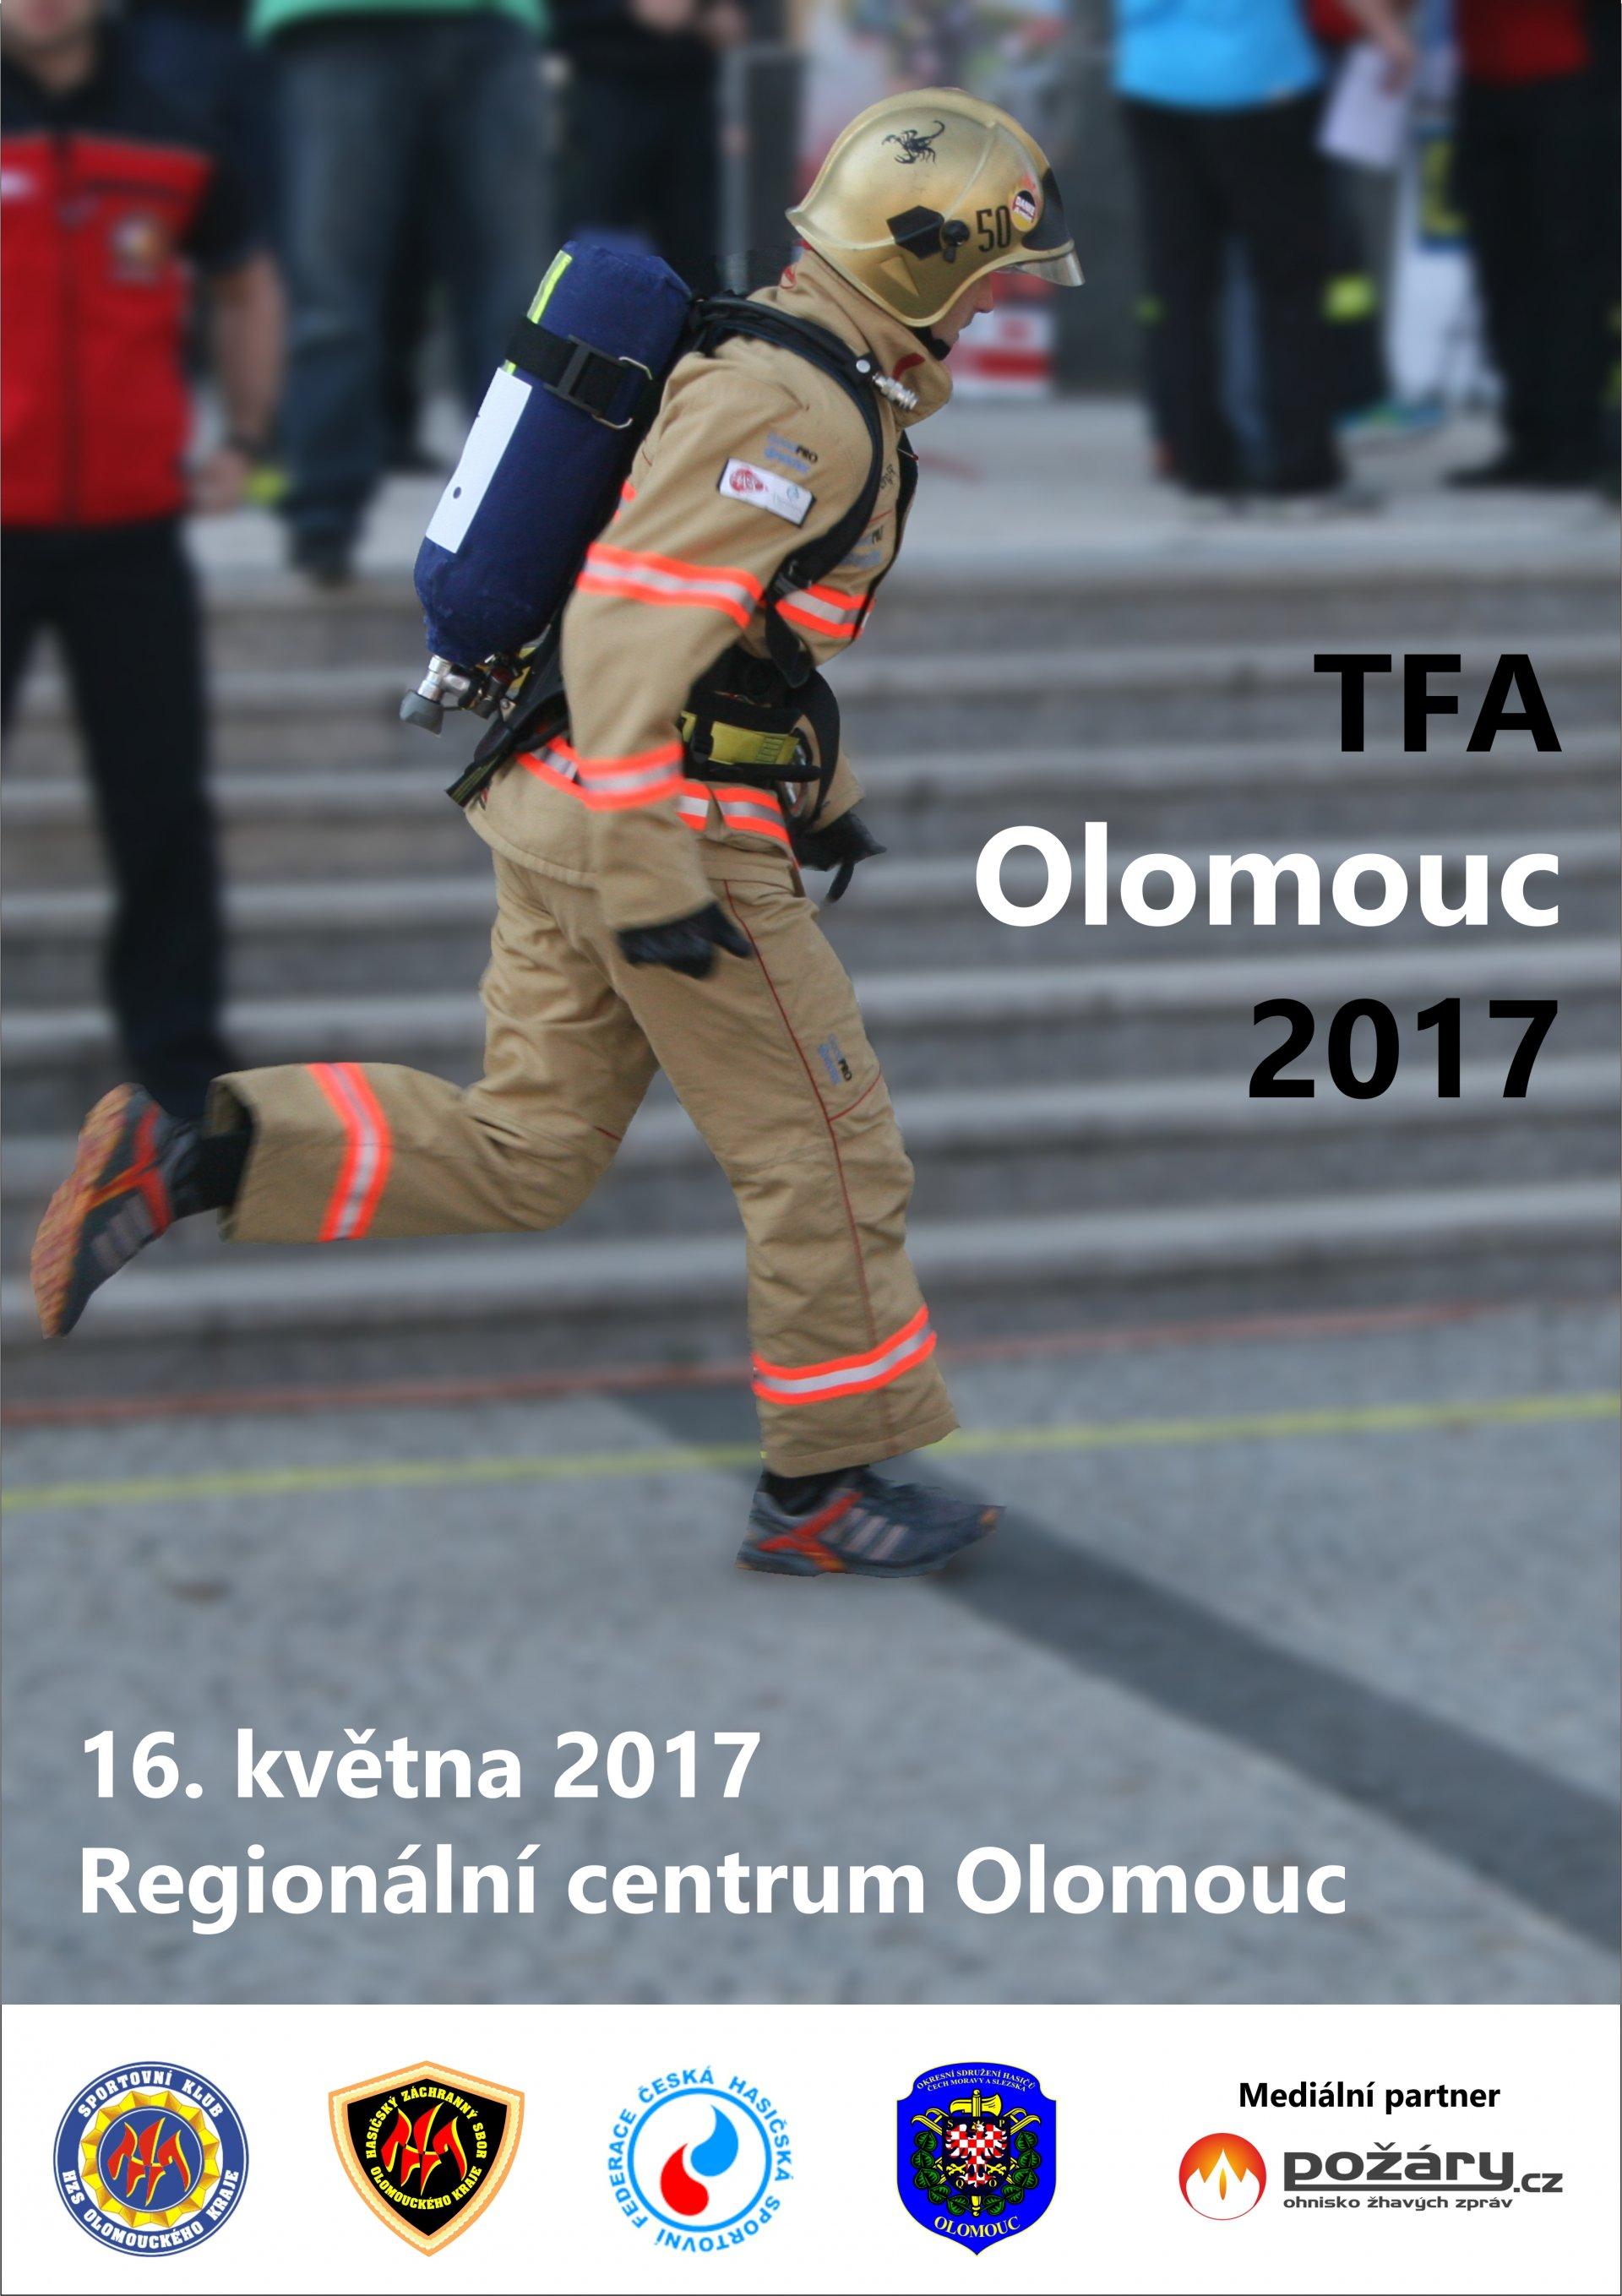 TFA Olomouc 2017 - První kolo Českého poháru v TFA